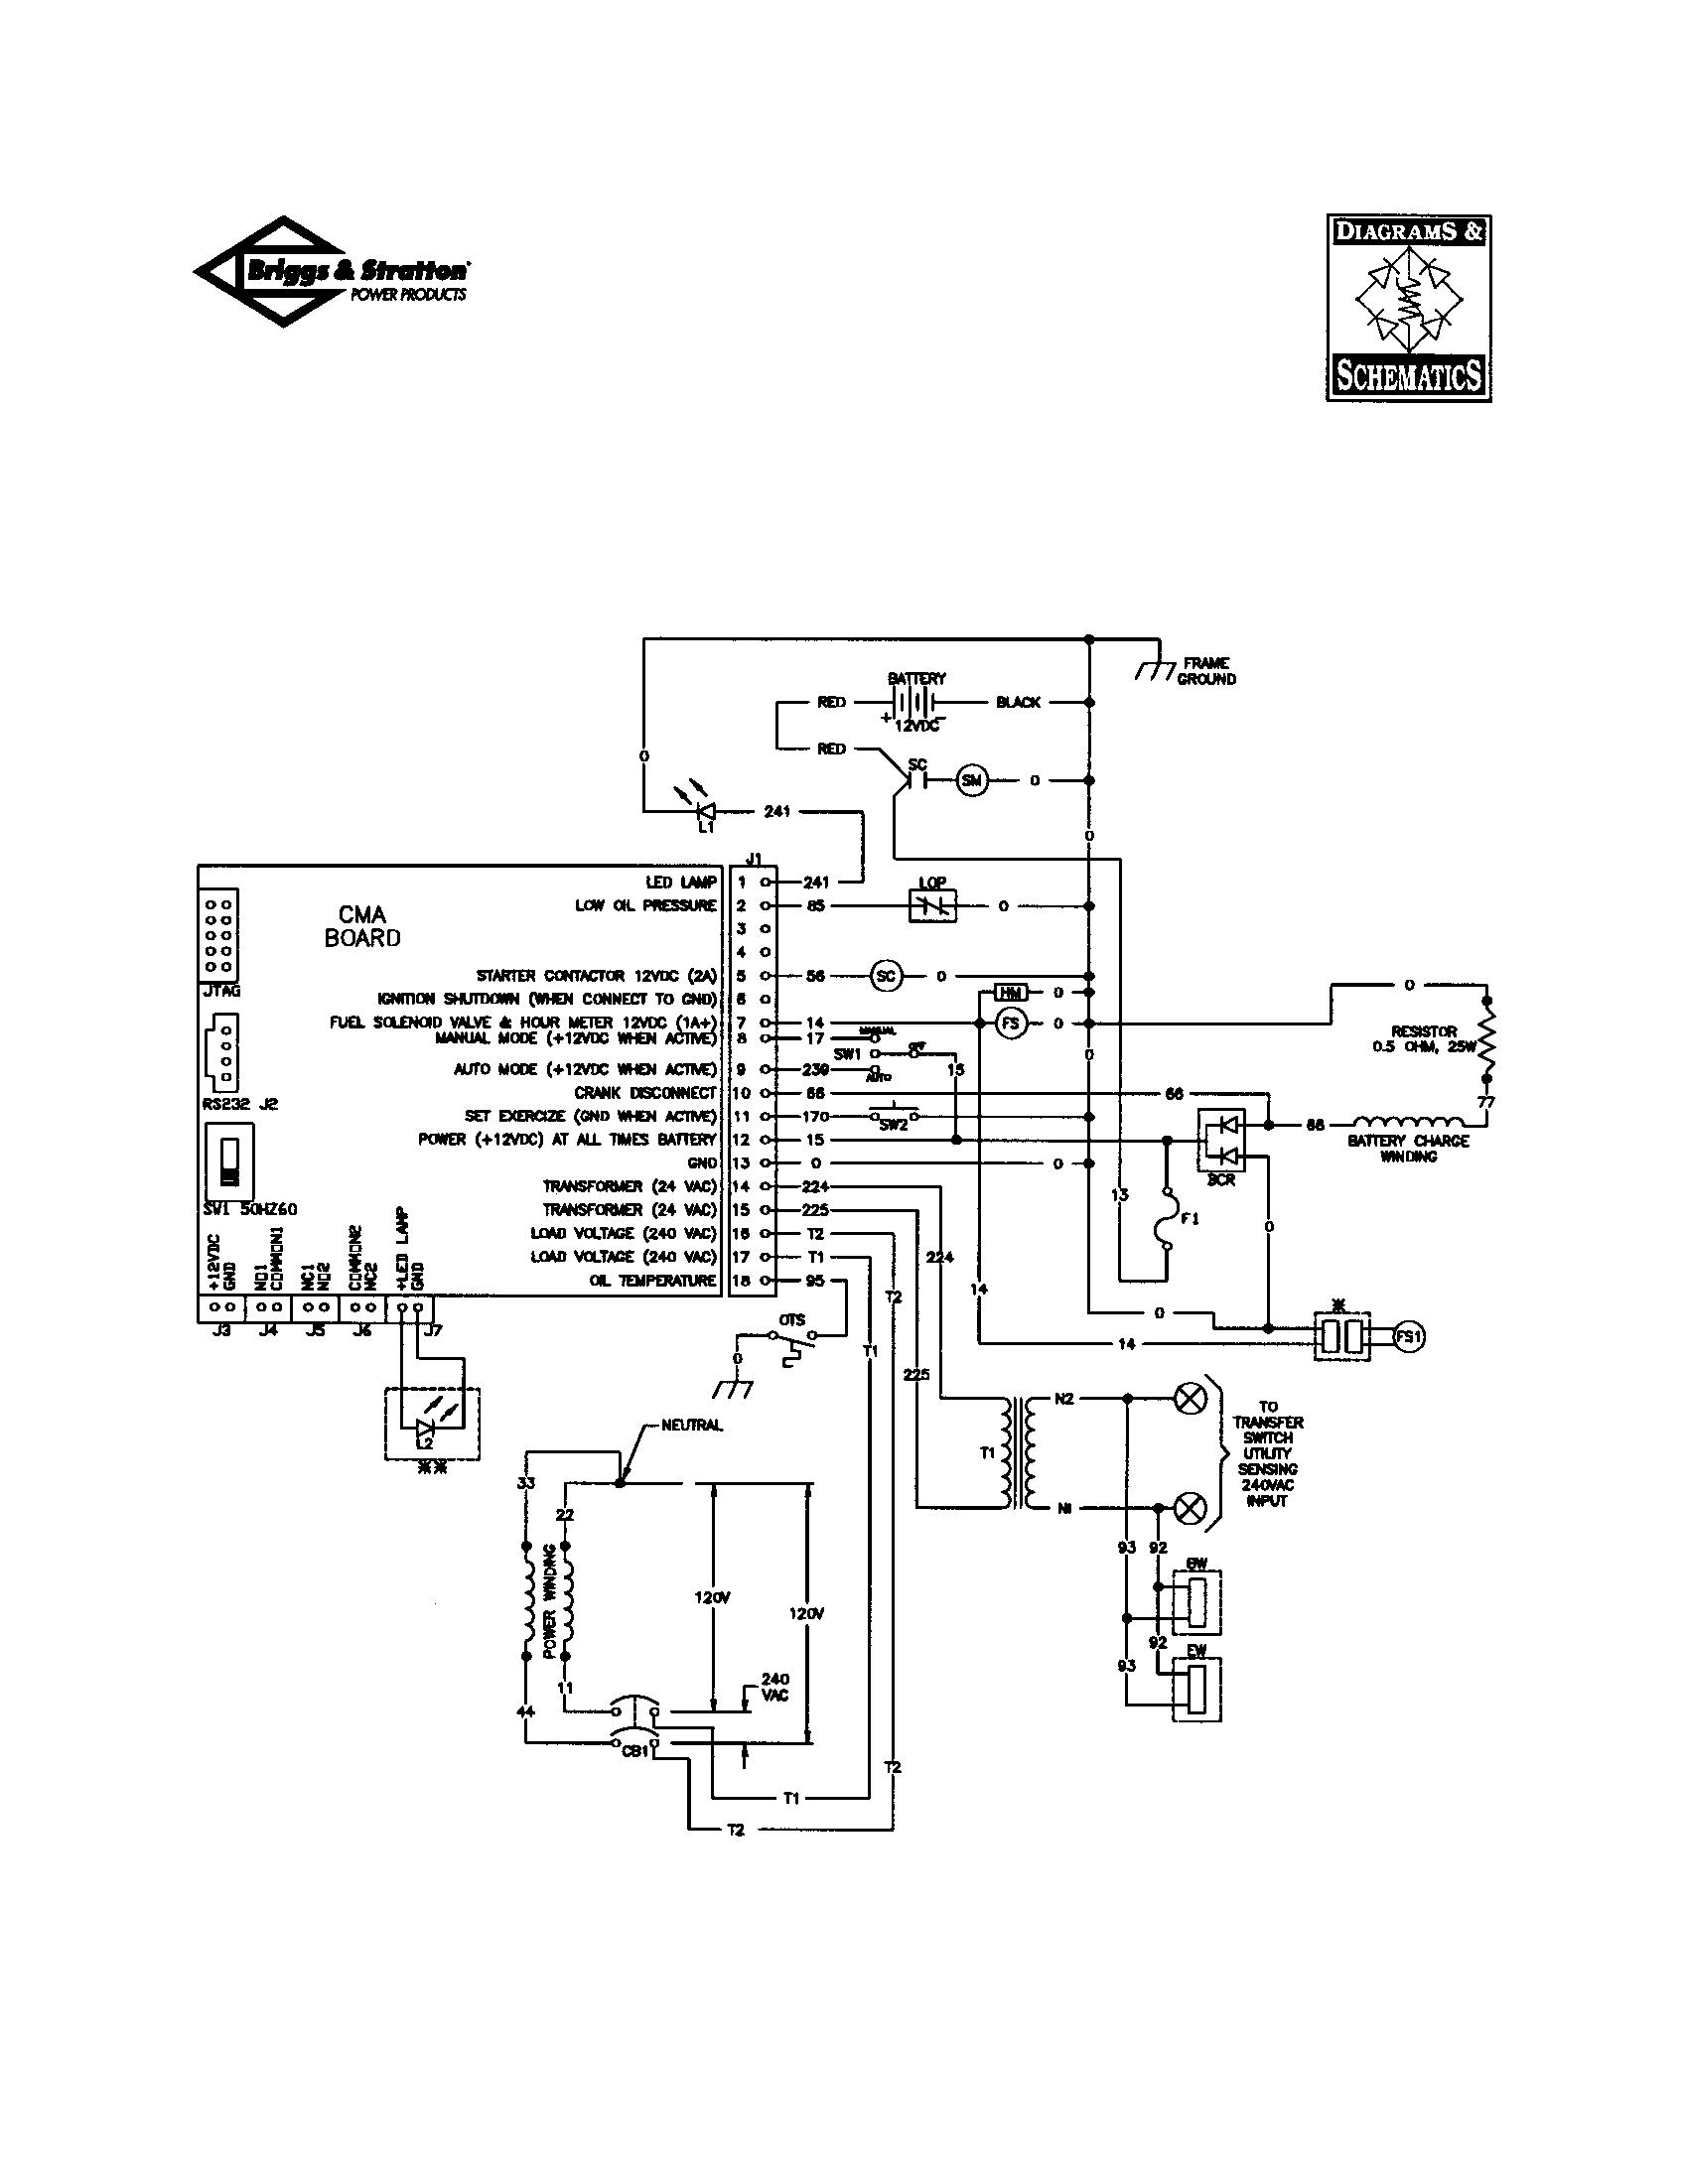 UNIT SCHEMATIC DIAGRAM Diagram & Parts List for Model